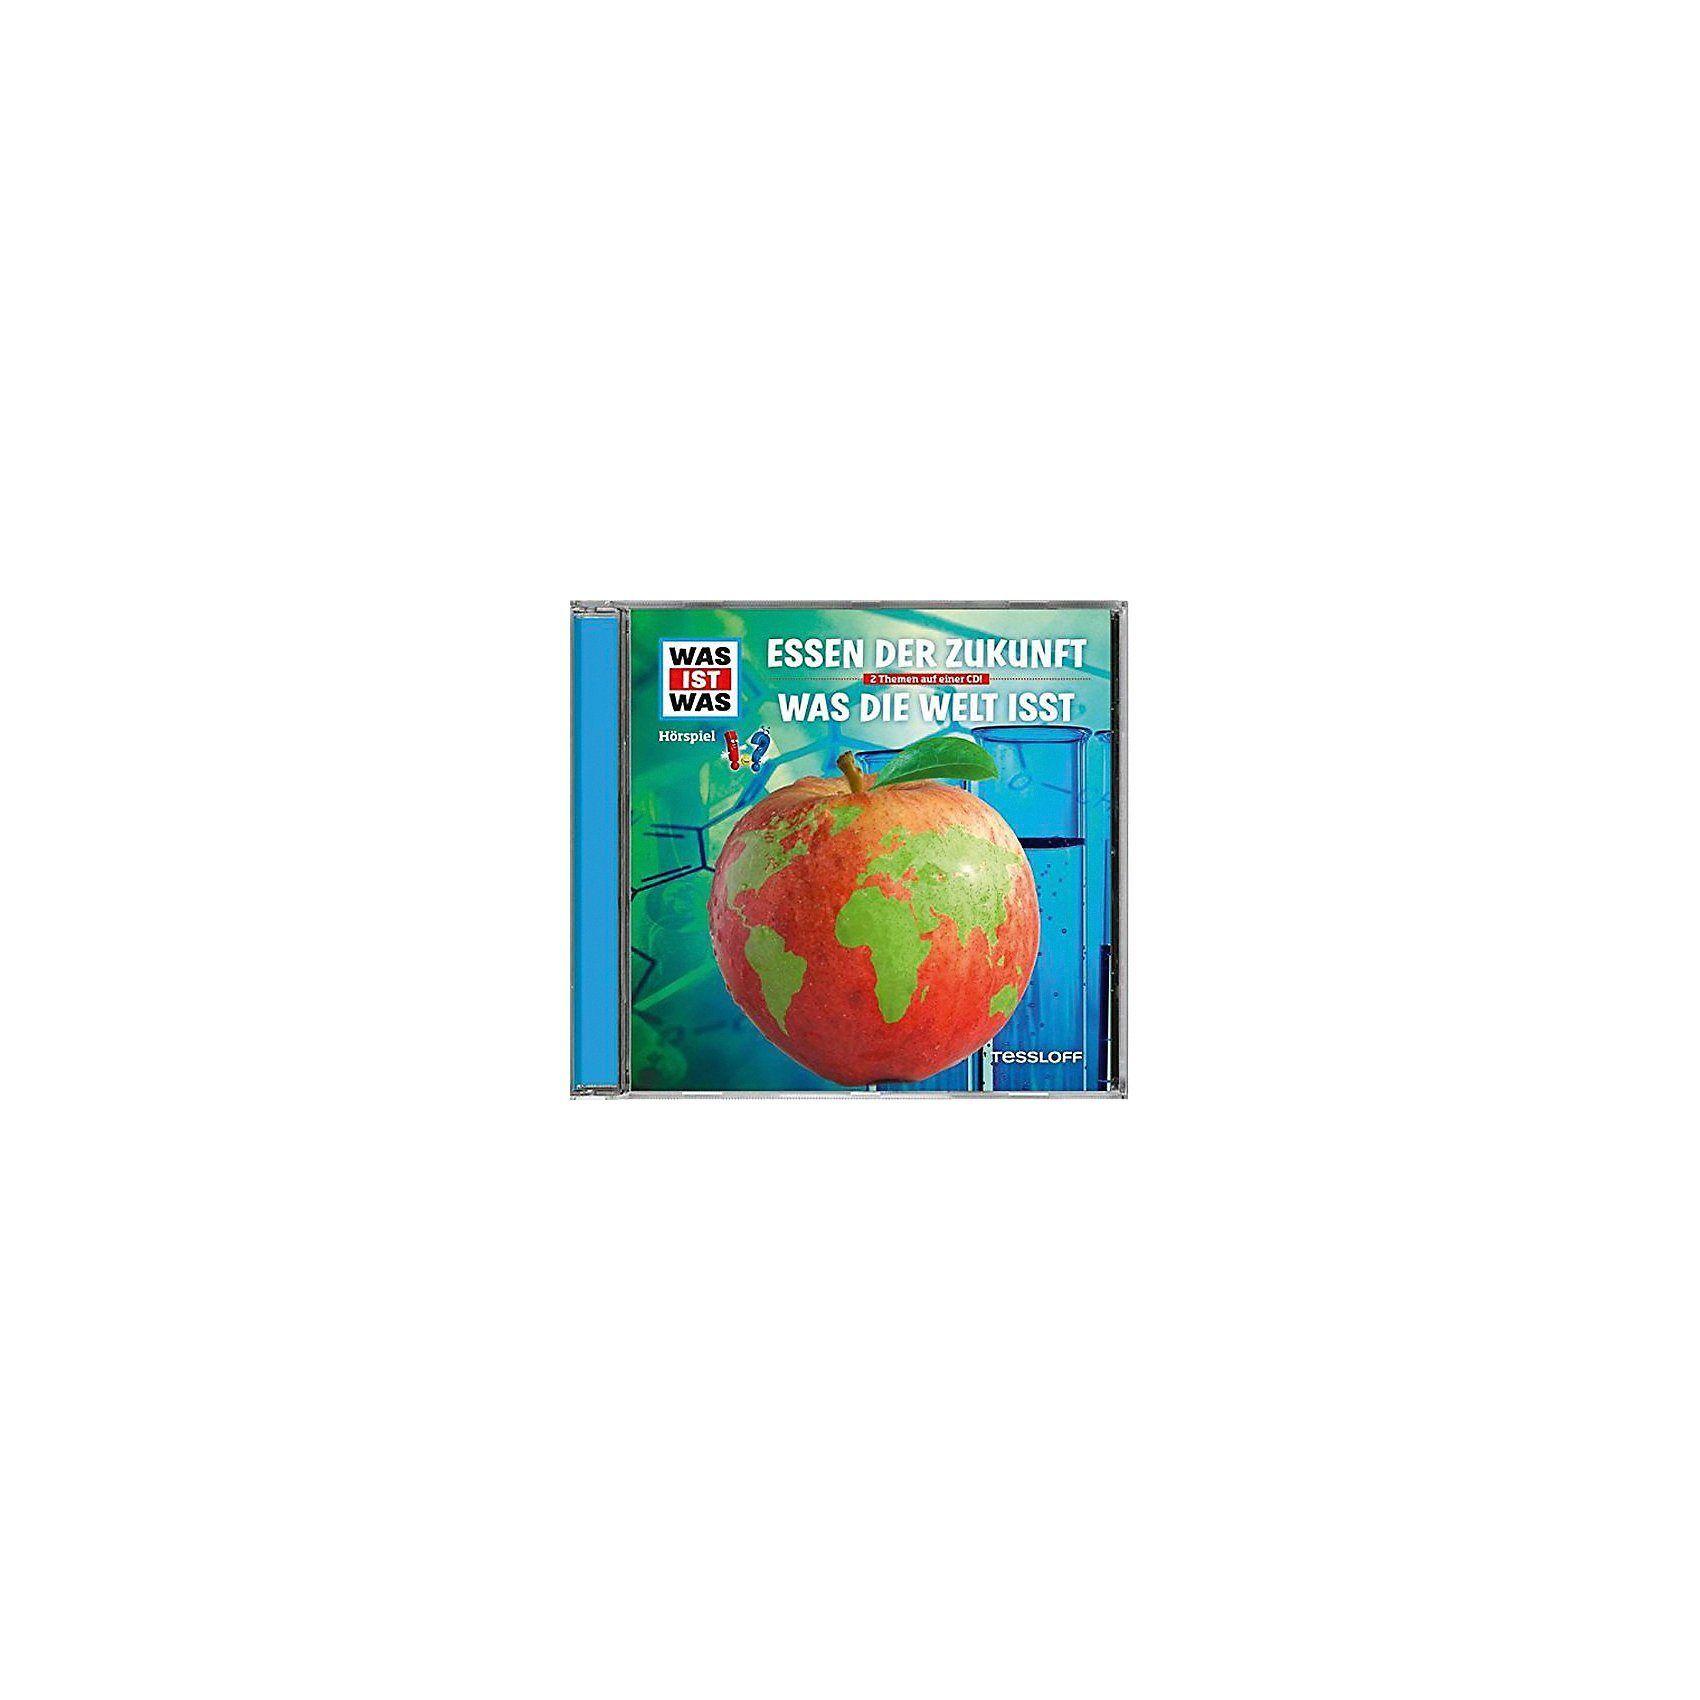 Universal CD Was ist Was 62 - Essen der Zukunft / Was die Welt isst